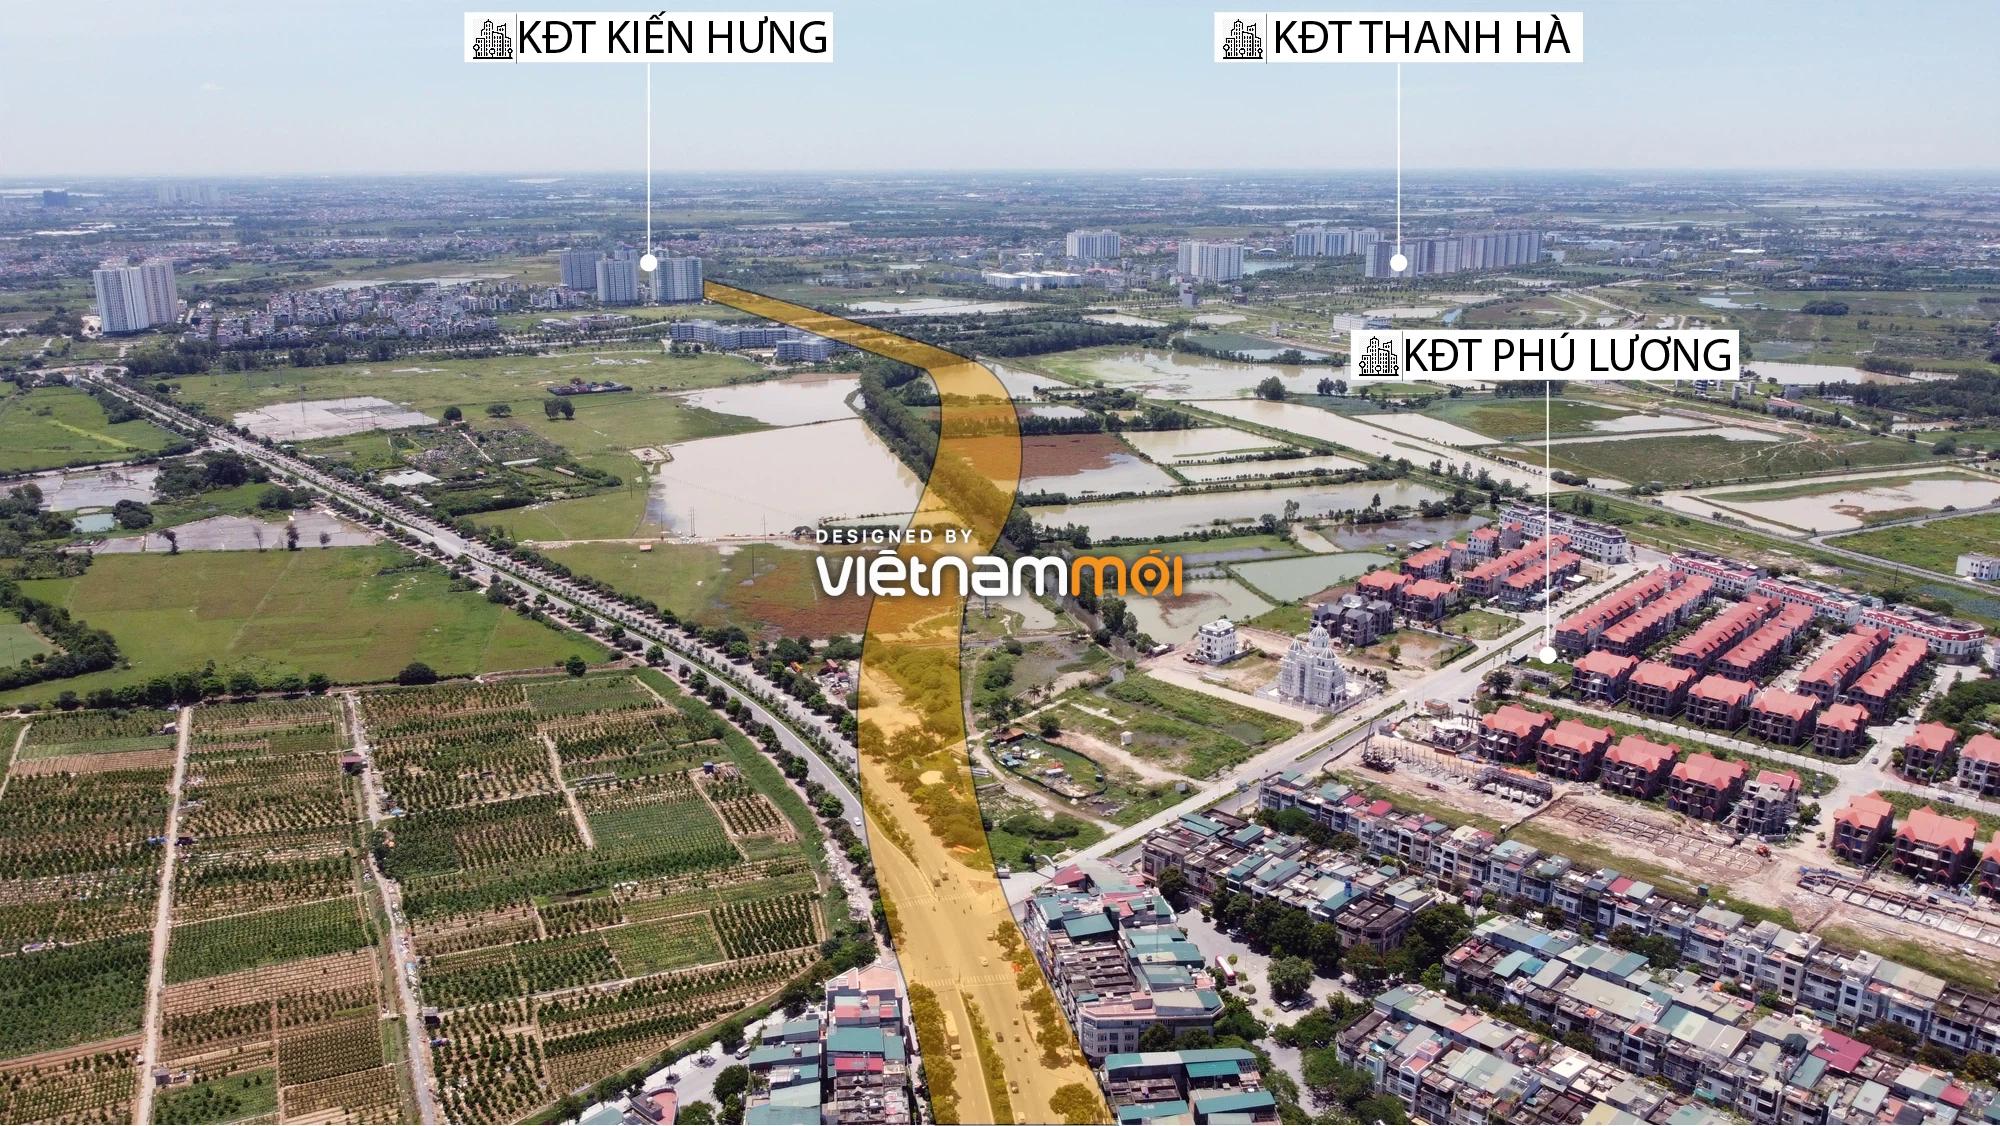 Đường Vành đai 3,5 sẽ mở theo quy hoạch qua quận Hà Đông, Hà Nội - Ảnh 11.